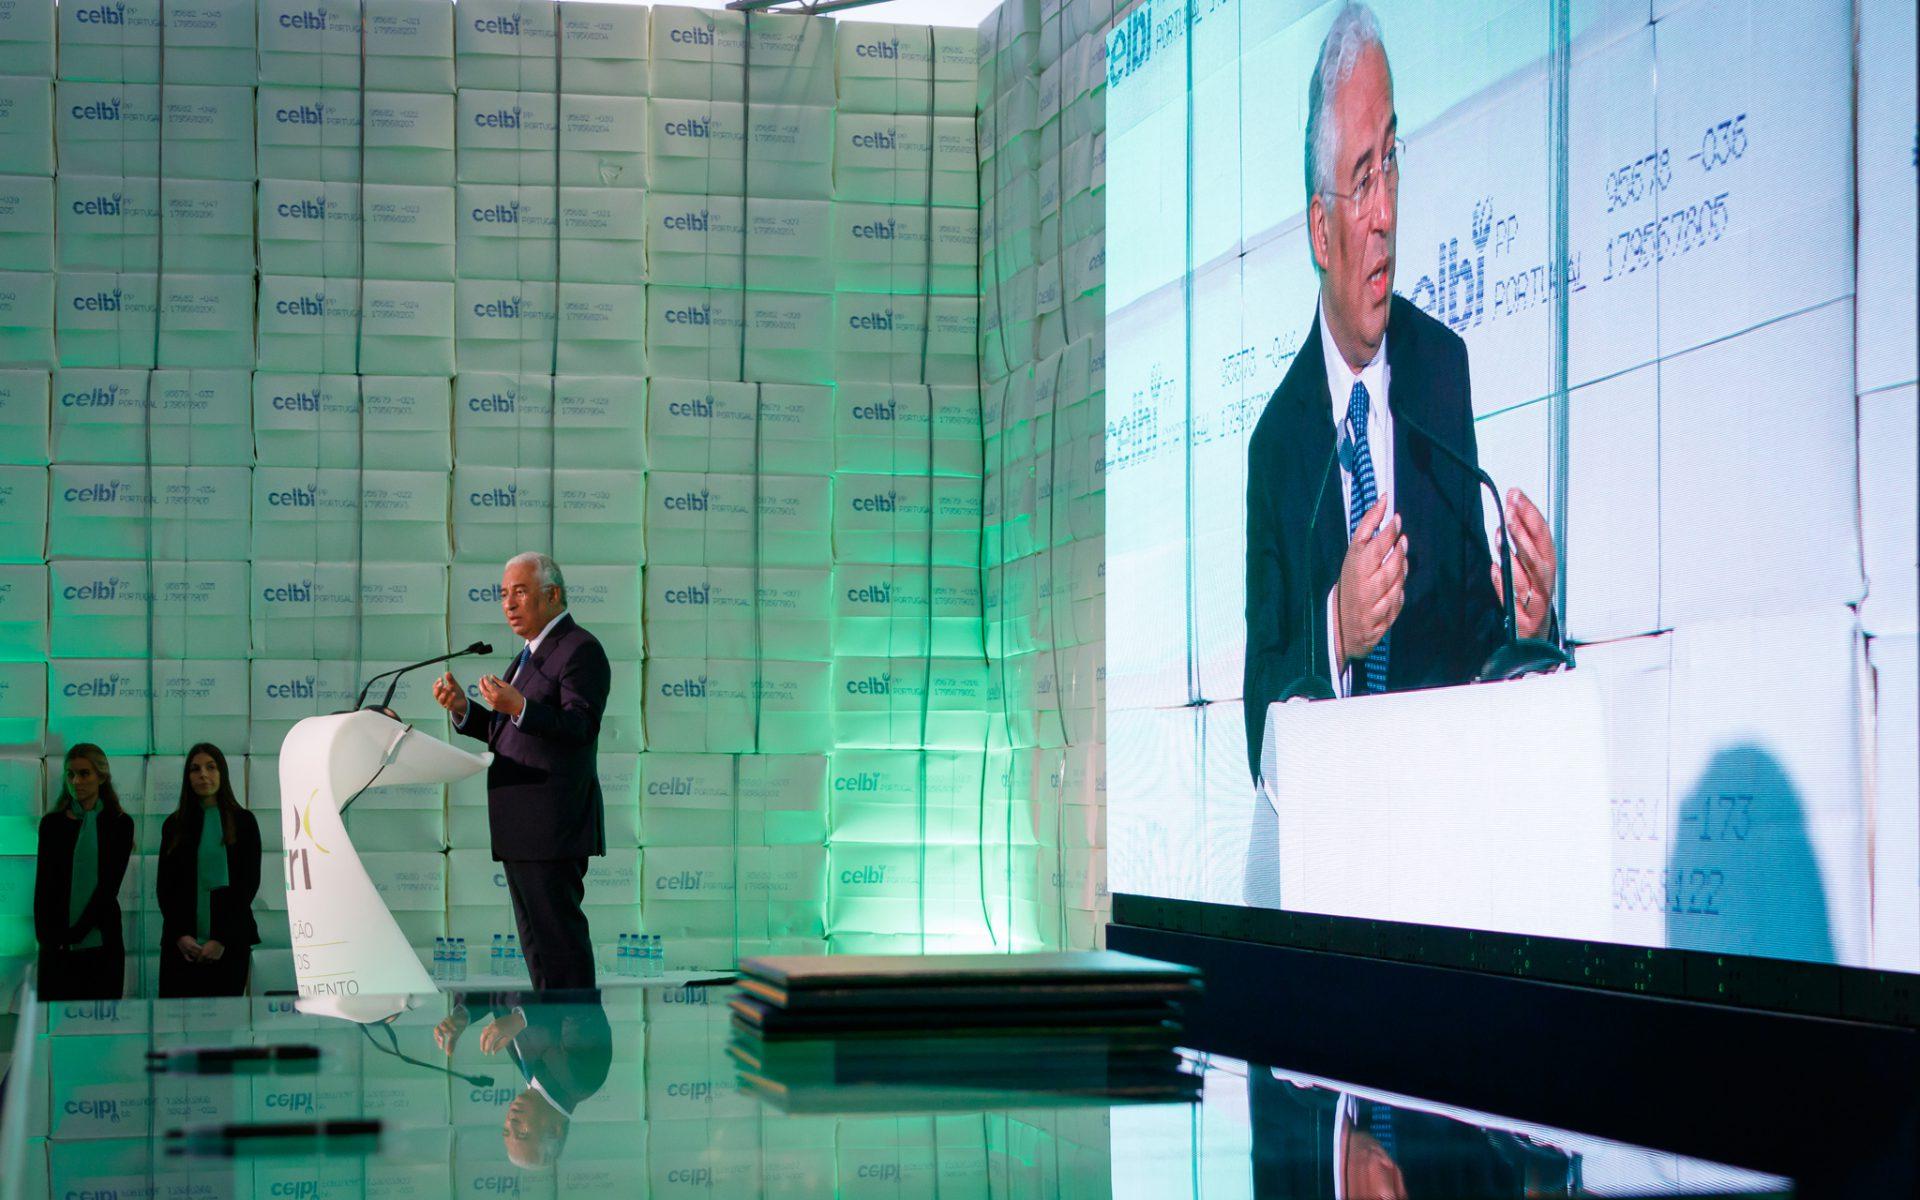 Primeiro-ministro, António Costa, discursa na Celbi